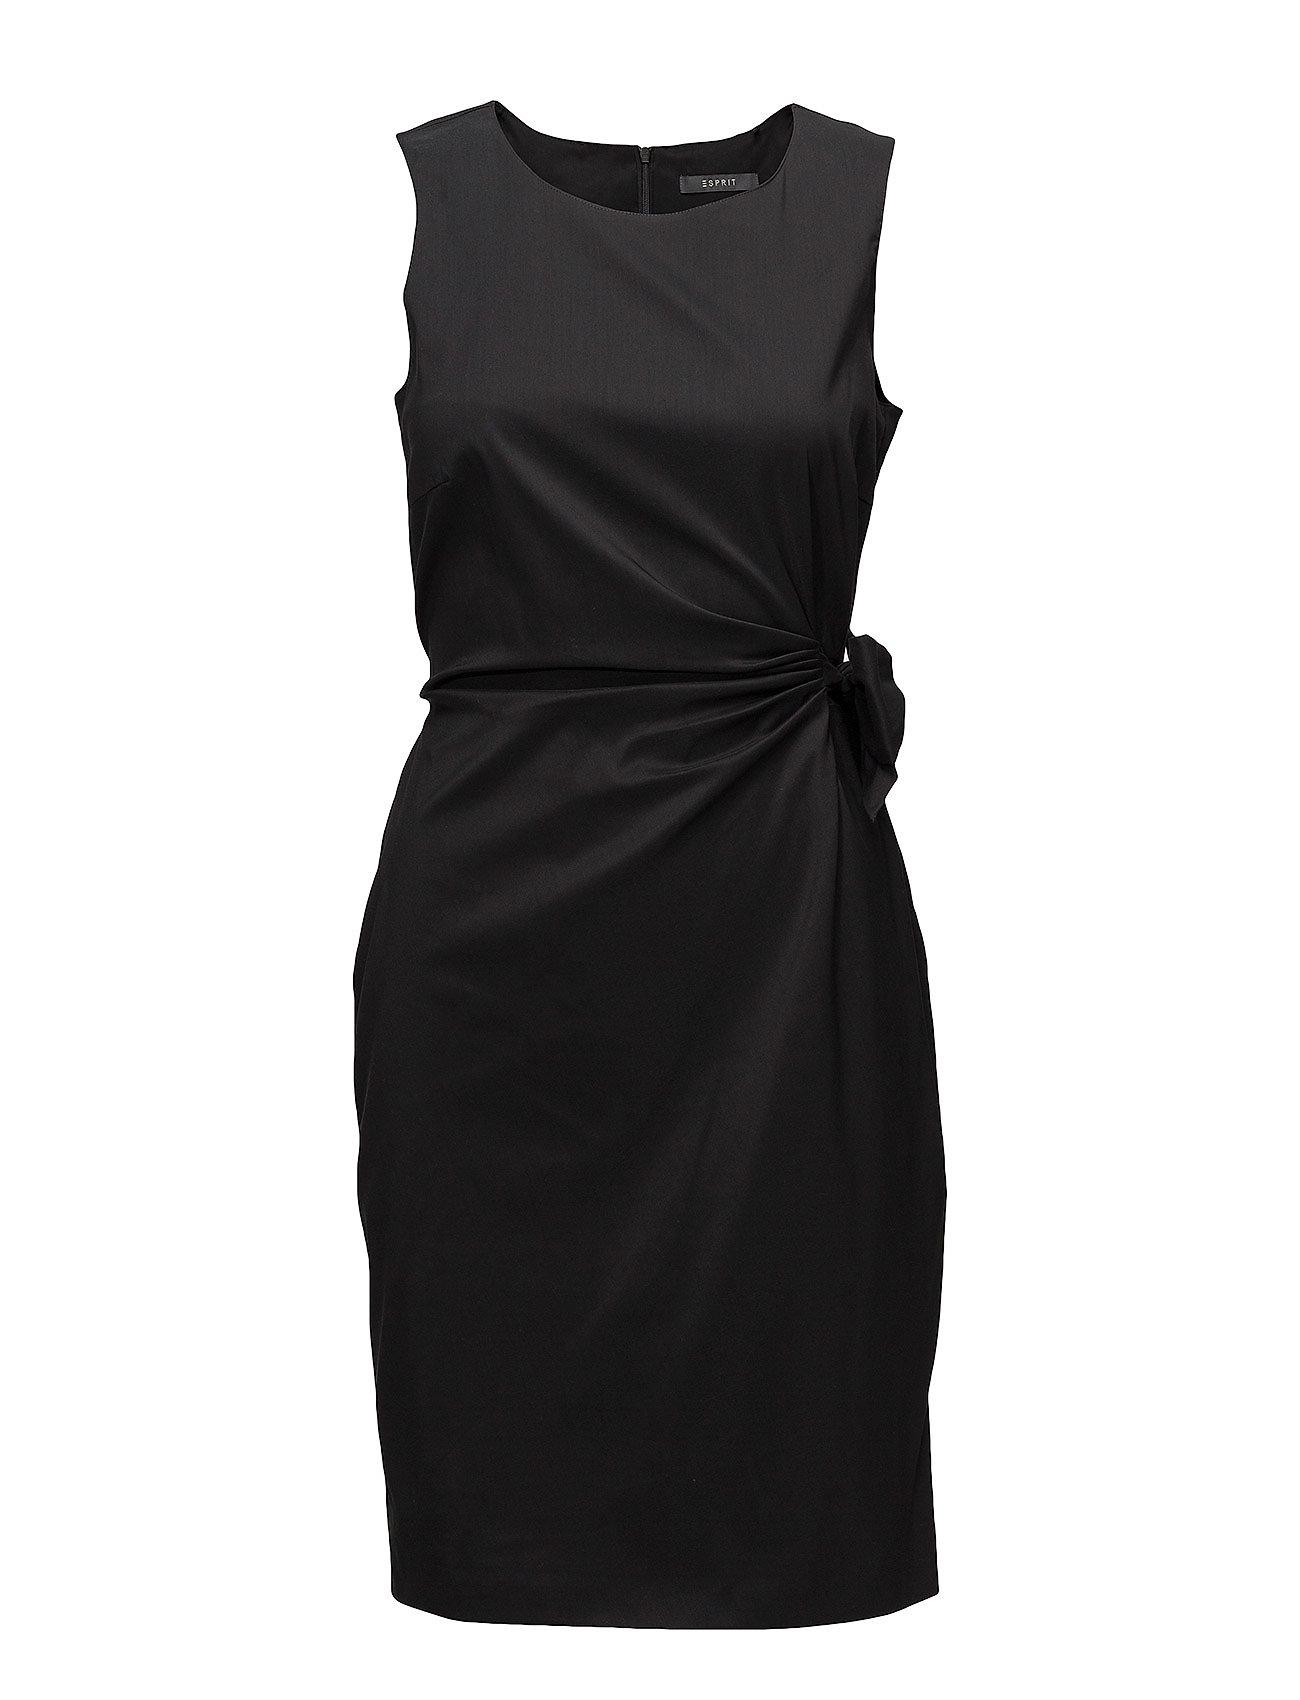 Esprit Collection Dresses Light Woven 326350516